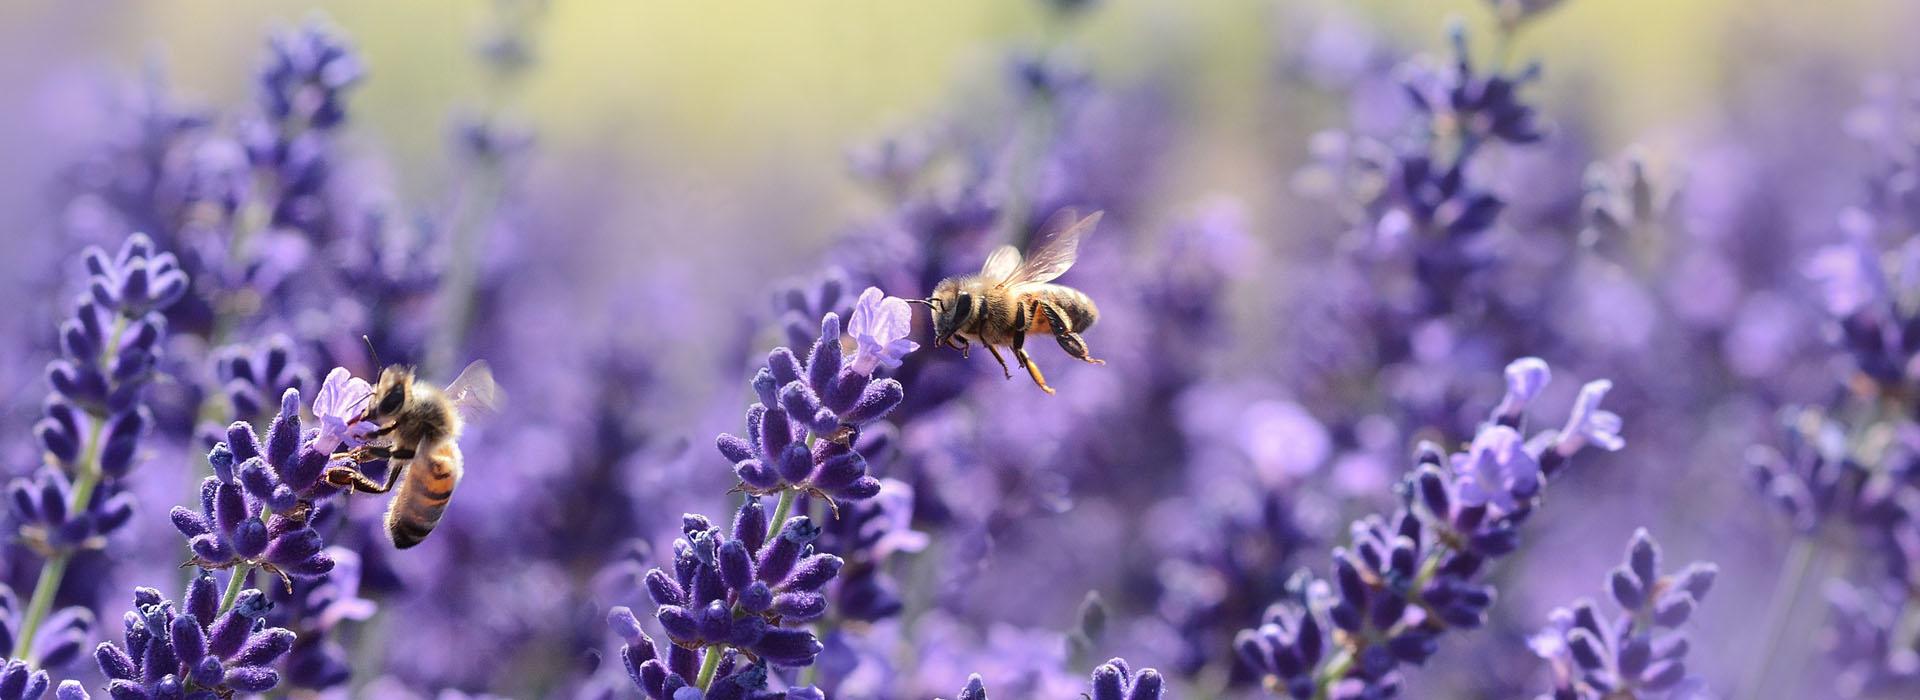 Insektenfreundliche Pflanzen im Juni